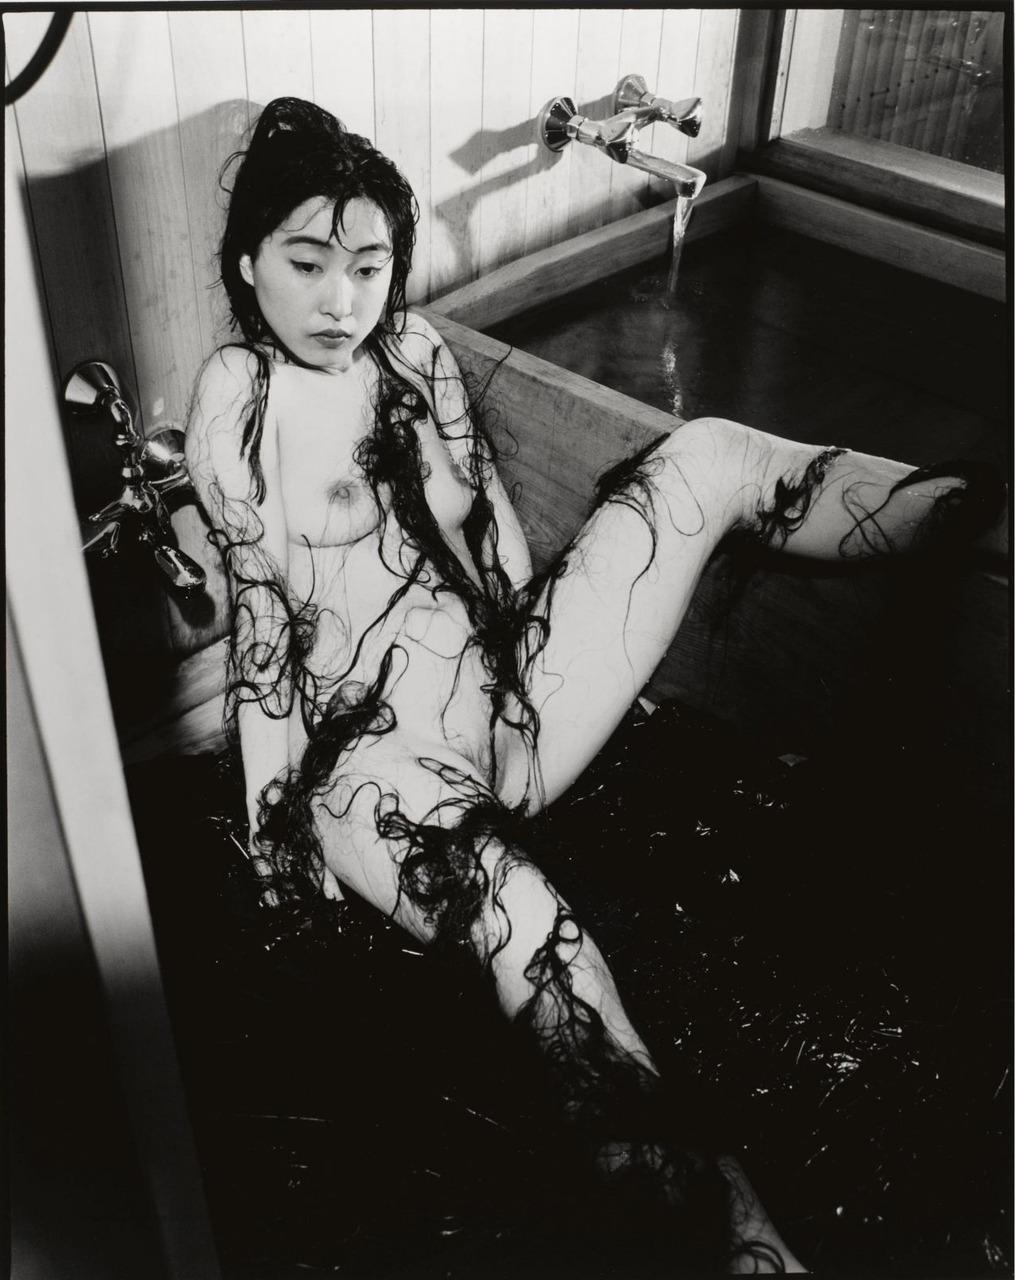 Japanese bondage explicit